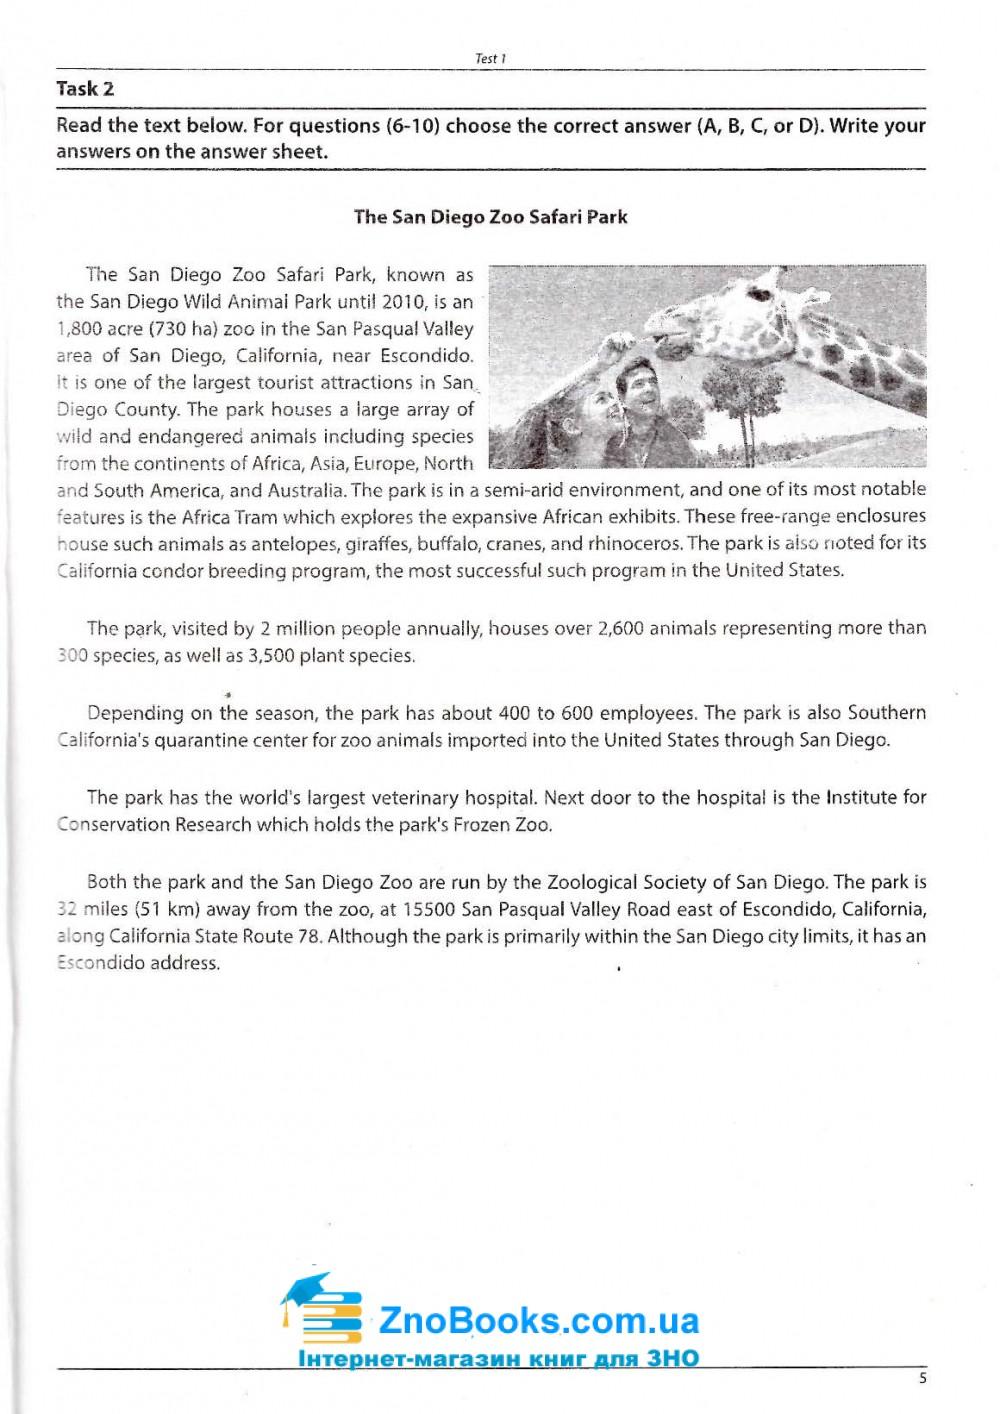 Англійська мова ЗНО 2021. Комплексні тести (20 варіантів тестів у форматі ЗНО) : Євчук О., Доценко І. Абетка. купити 5